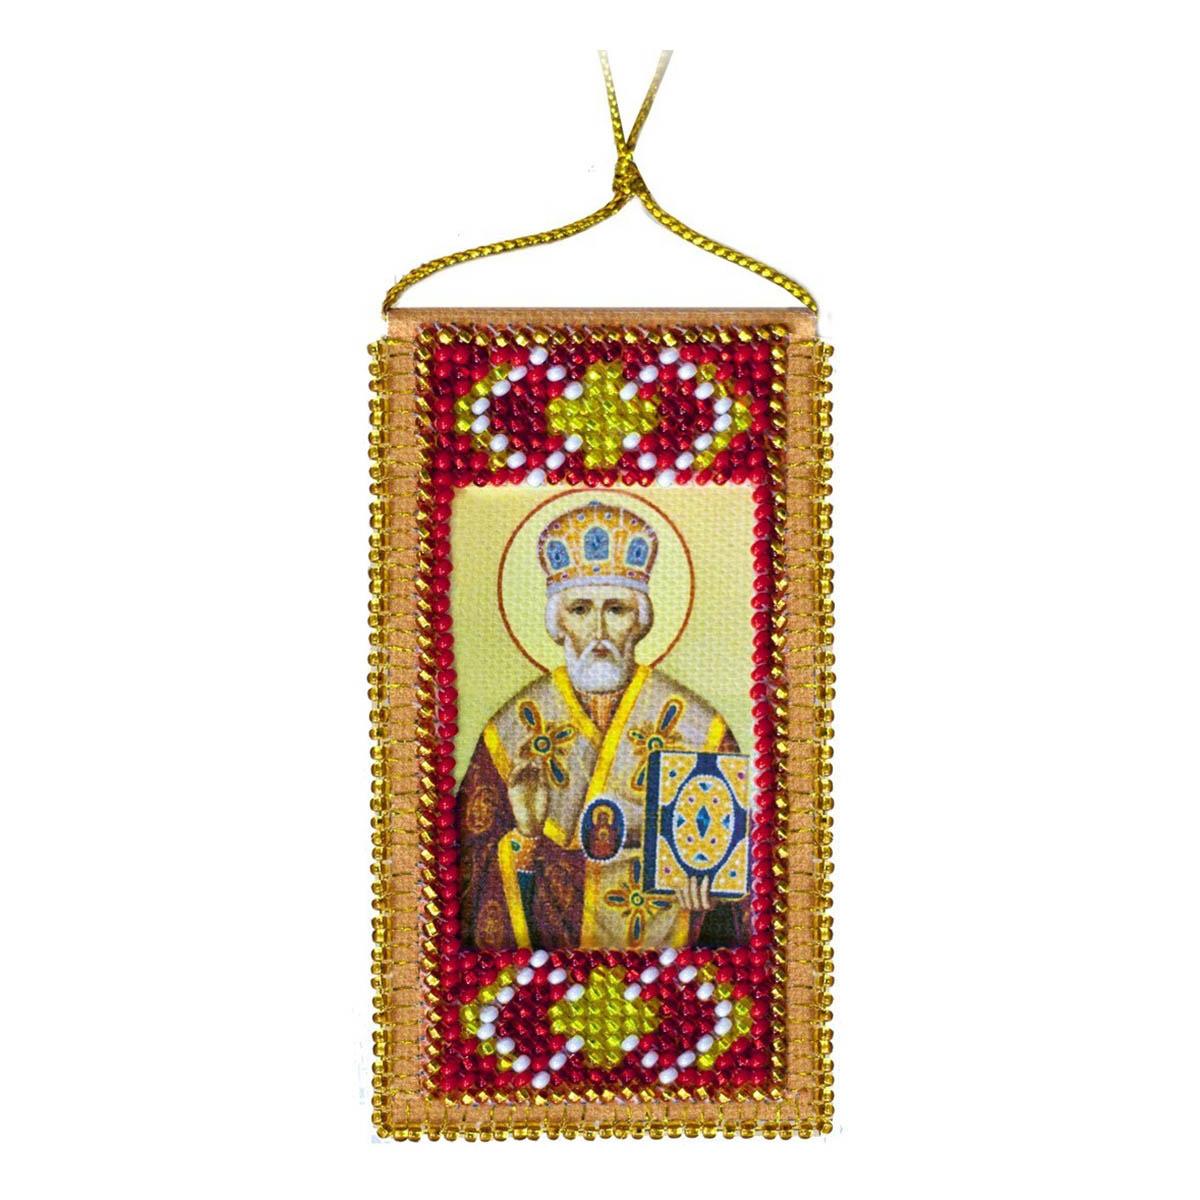 АВО-005 Набор для вышивки бисером на натуральном художественном холсте 'Абрис Арт' 'Молитва путешествующих', 5*20 см